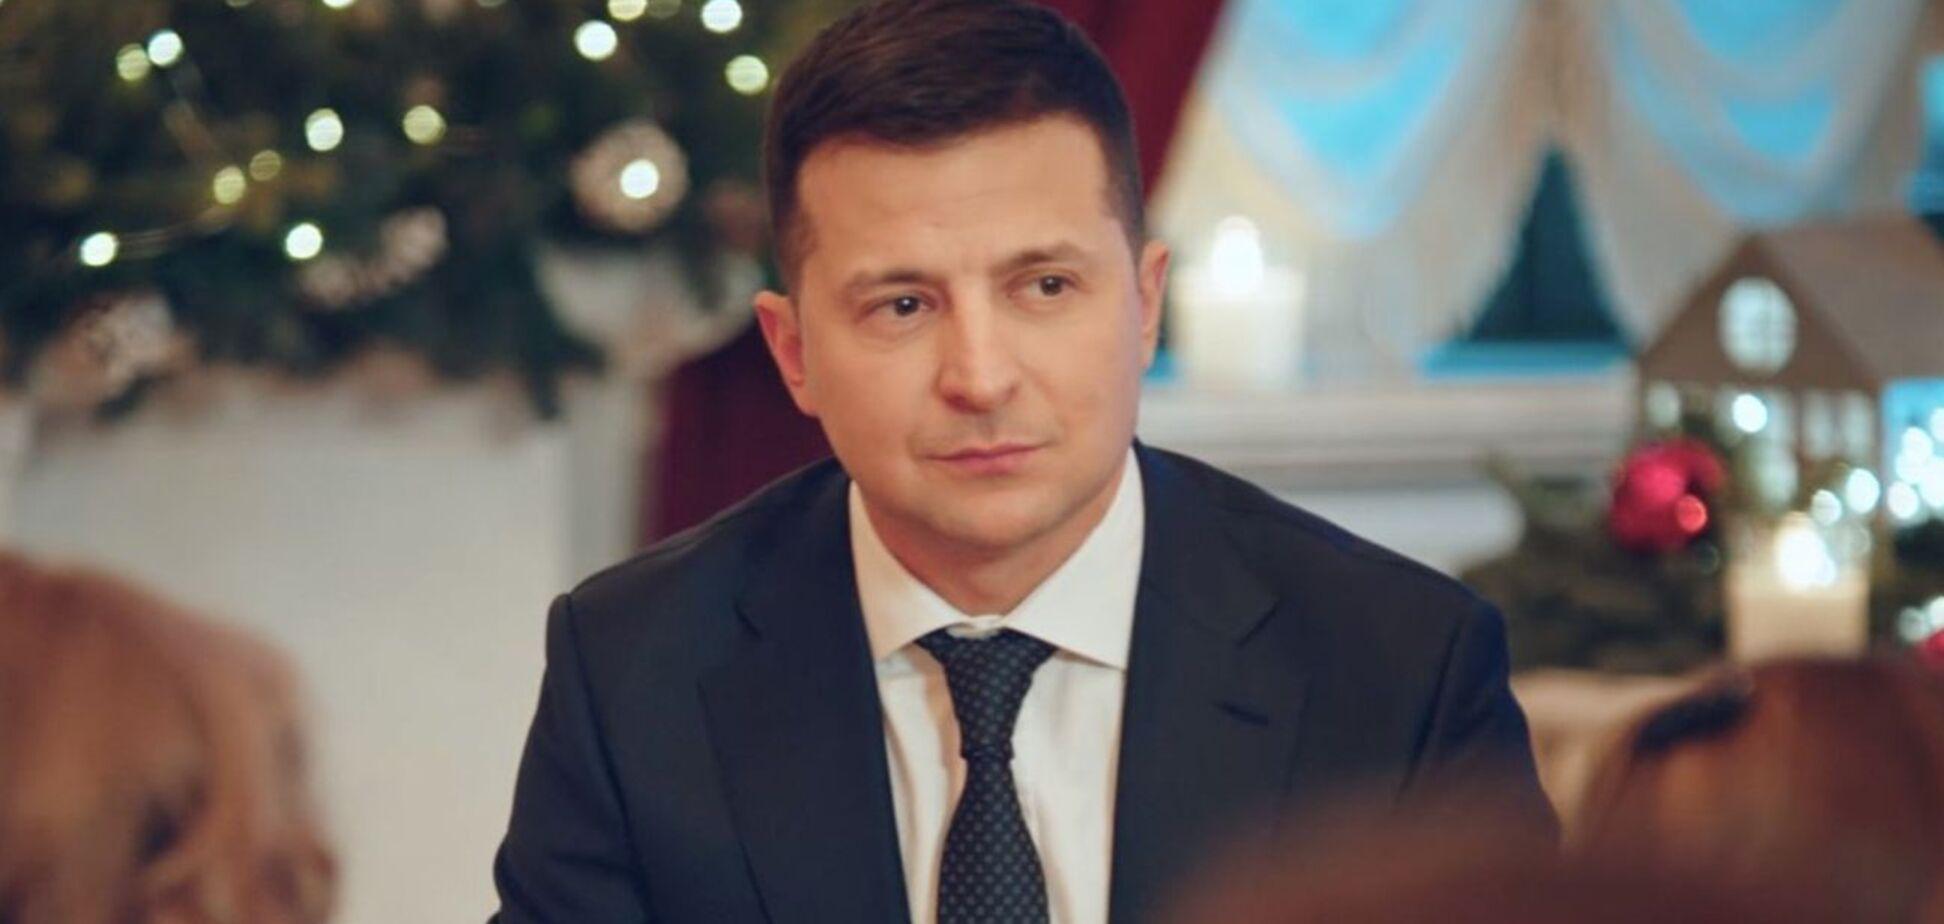 Владимир Зеленский в новогоднем поздравлении заговорил на русском языке